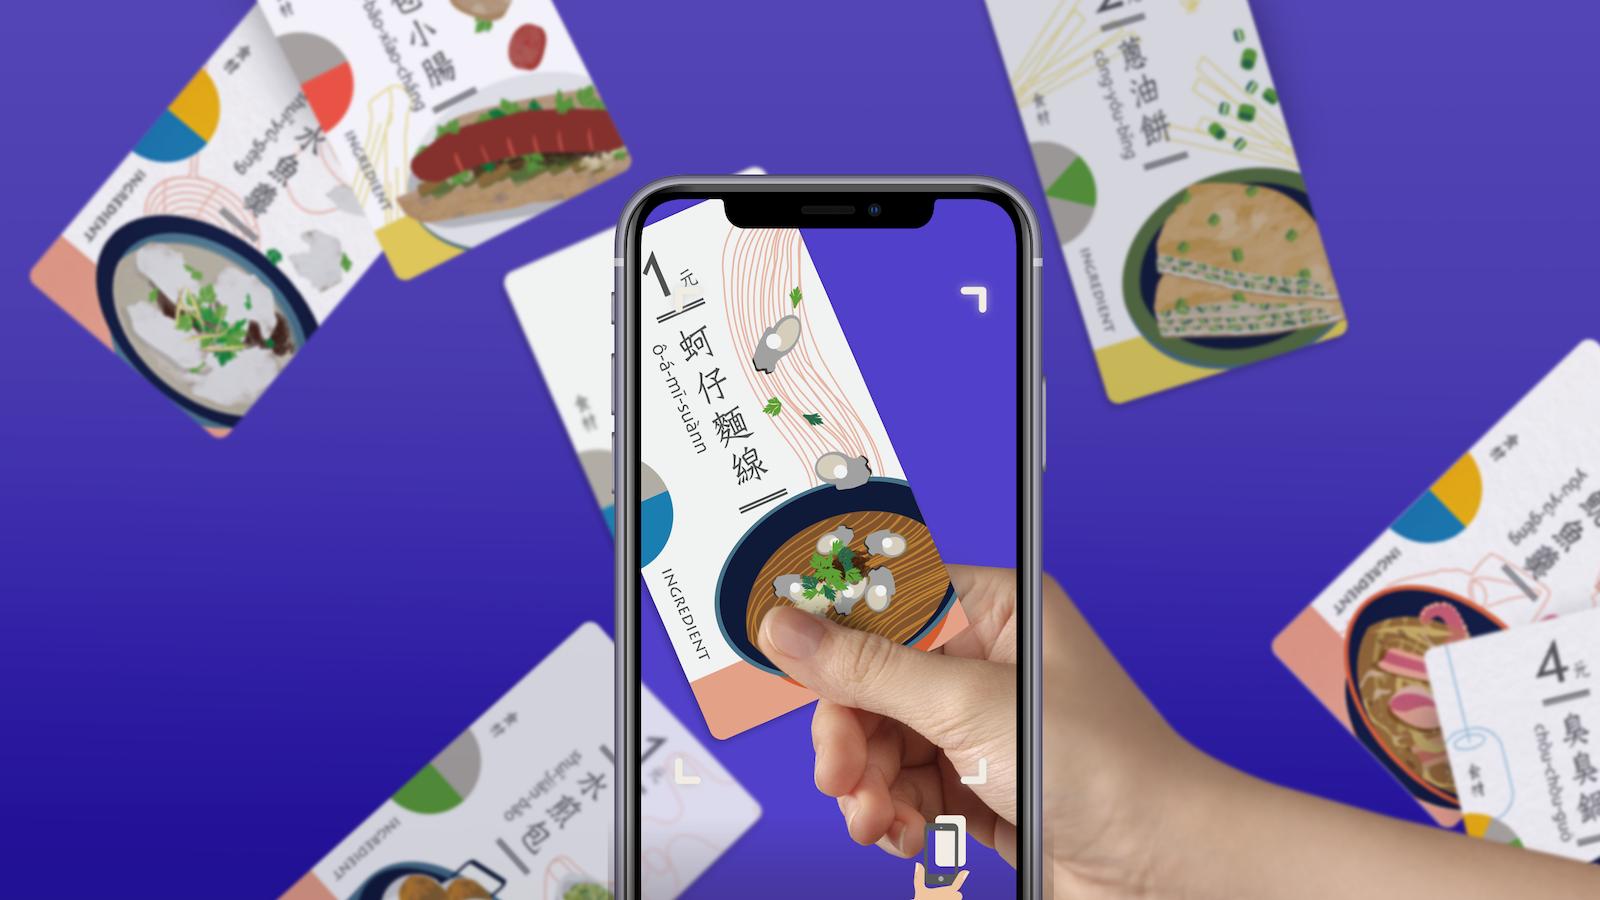 app1.png